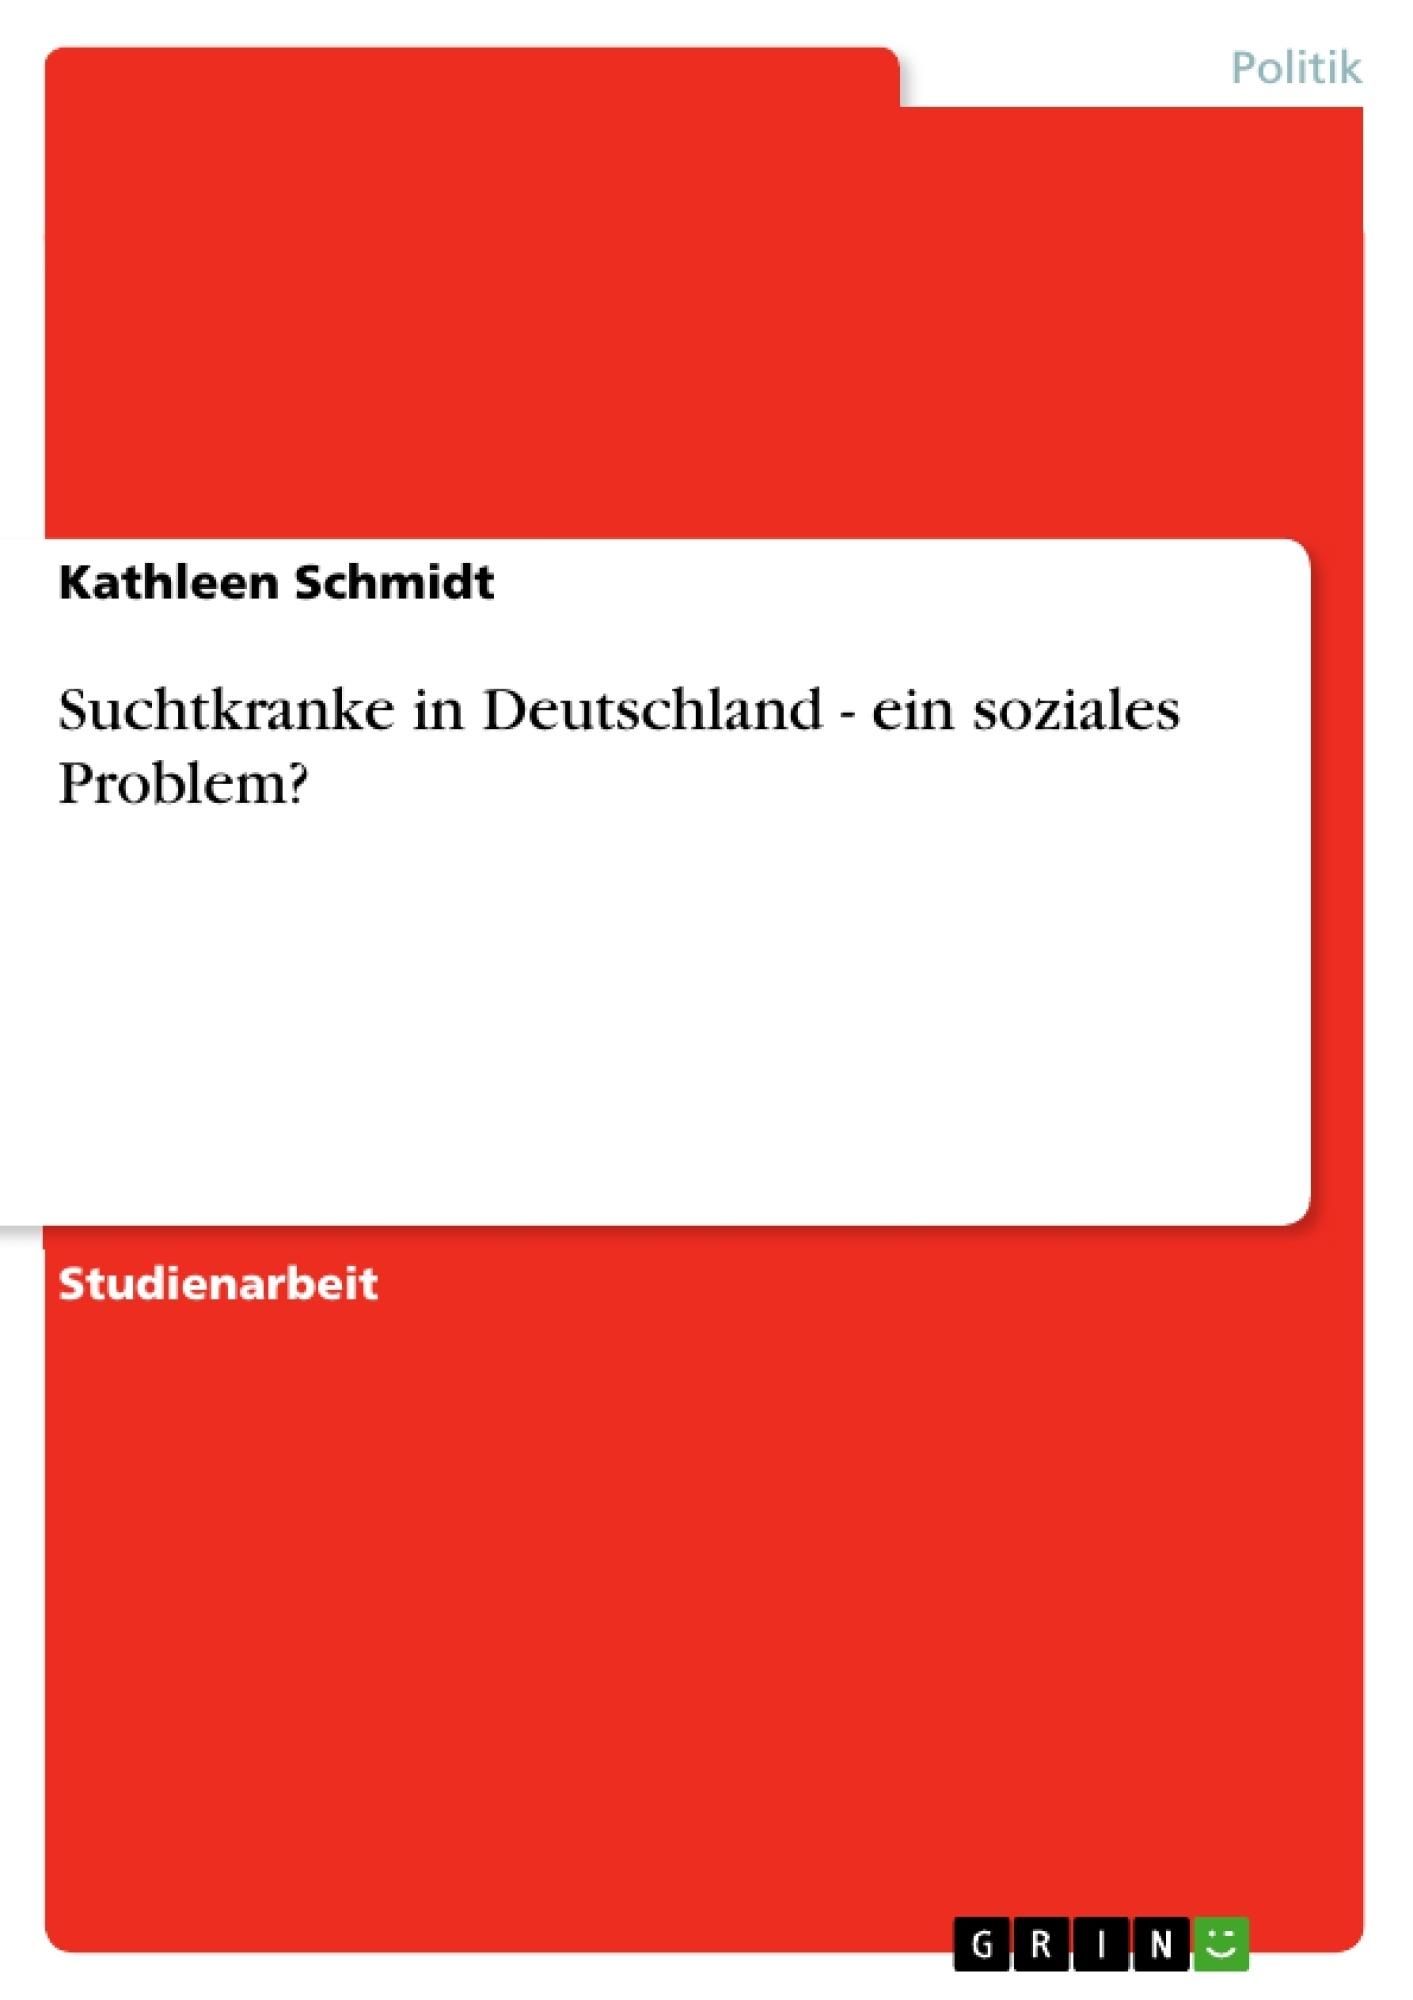 Titel: Suchtkranke in Deutschland - ein soziales Problem?